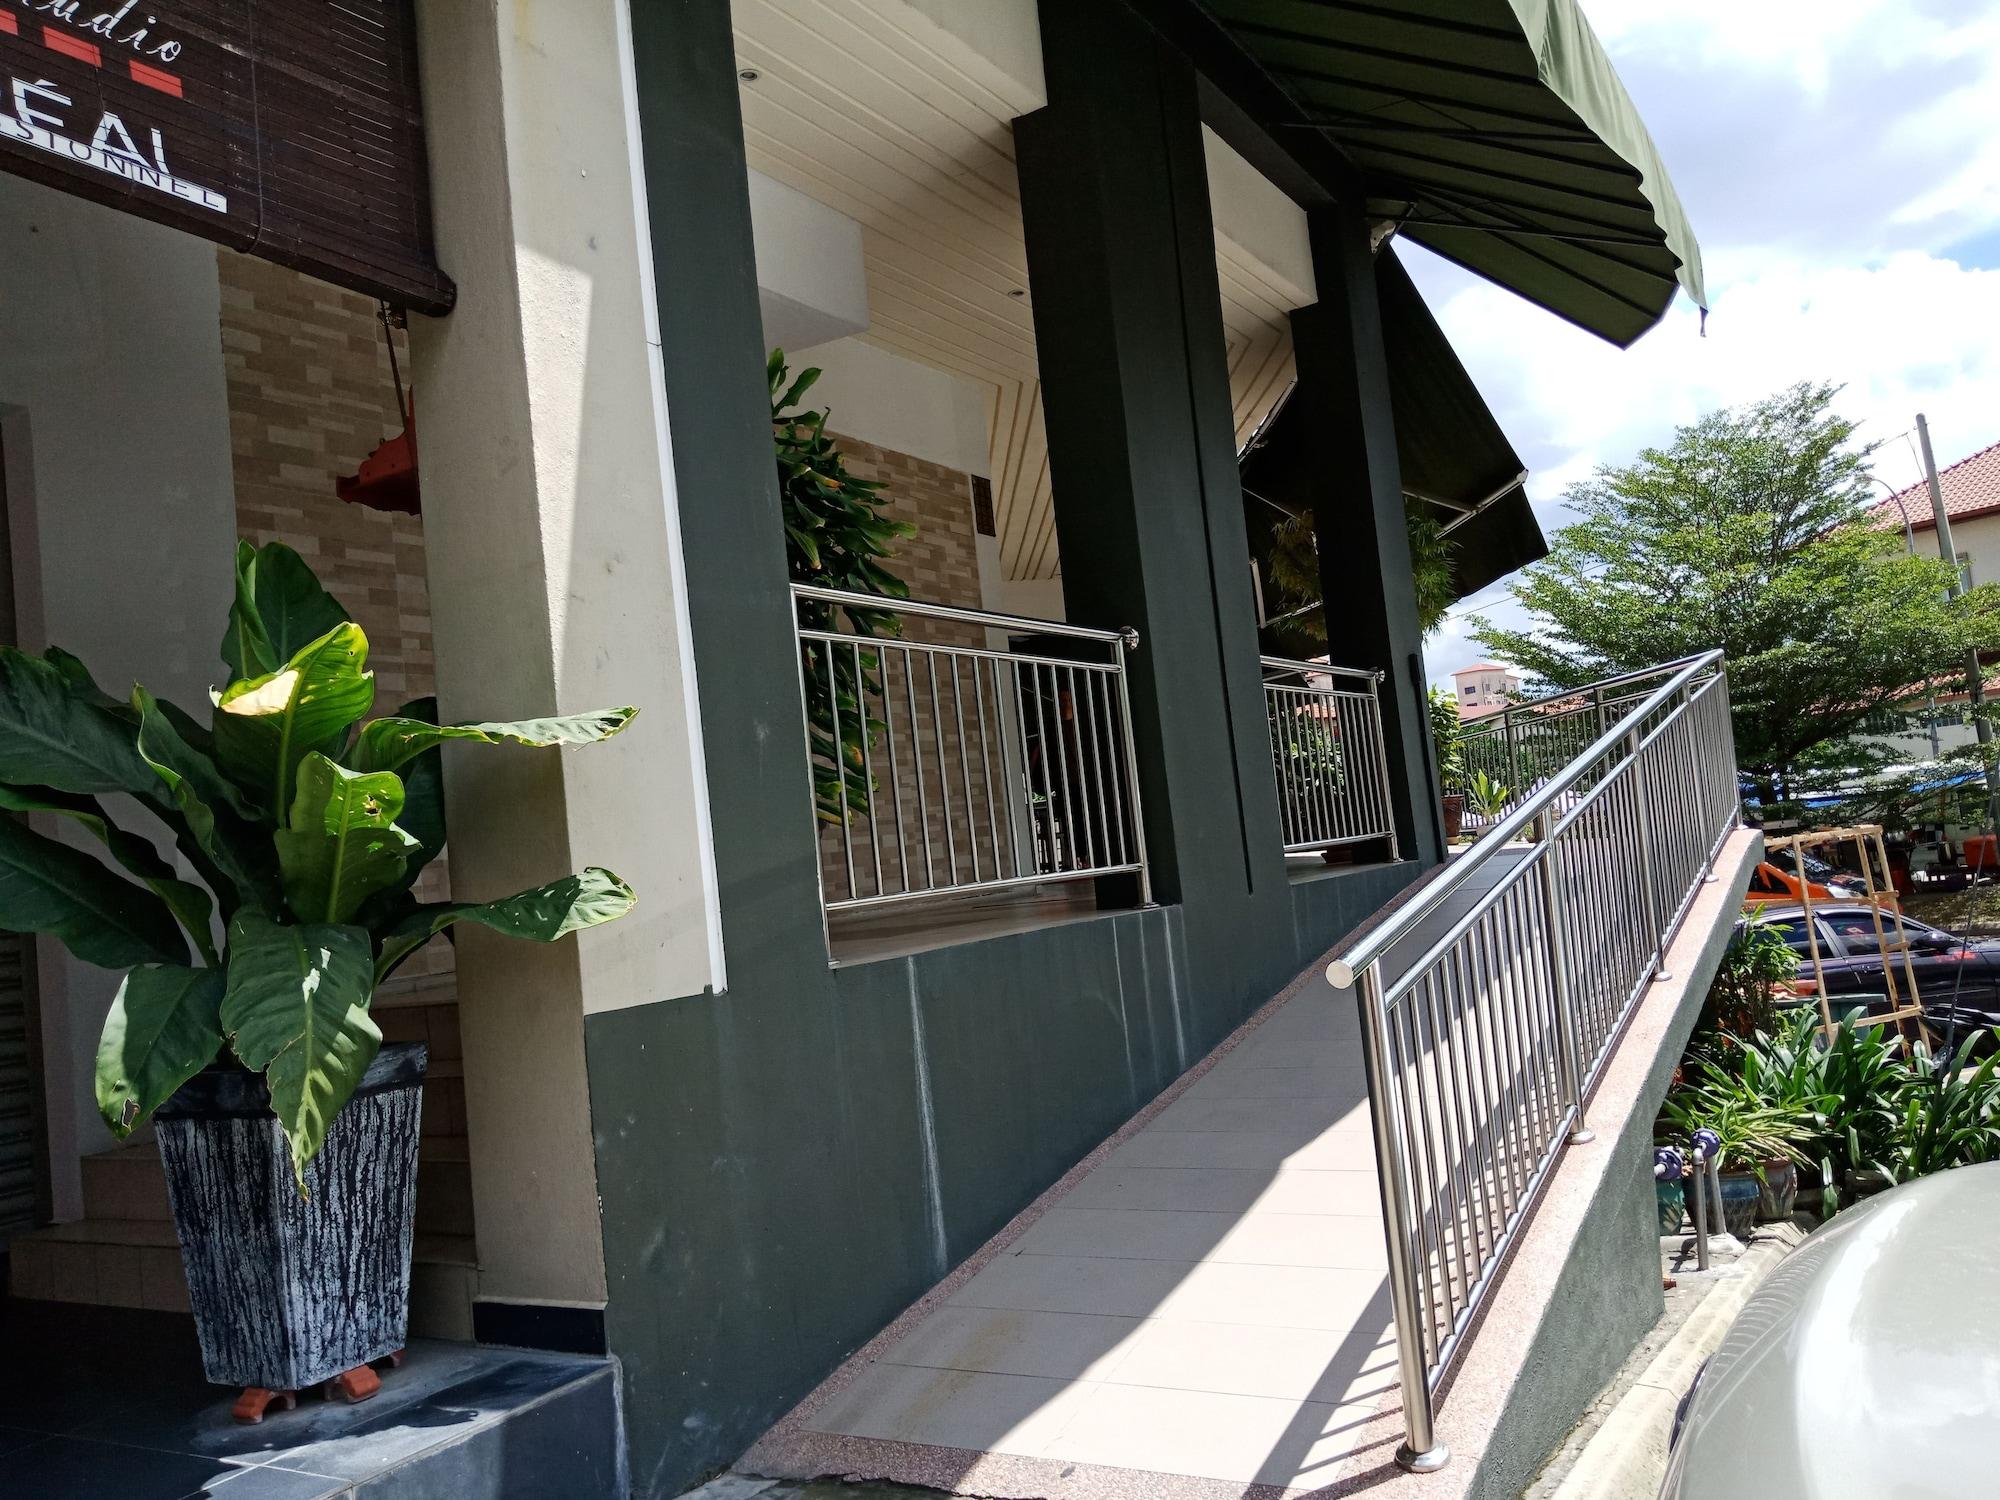 Home Inn 2 Taman Bukit Segar, Hulu Langat